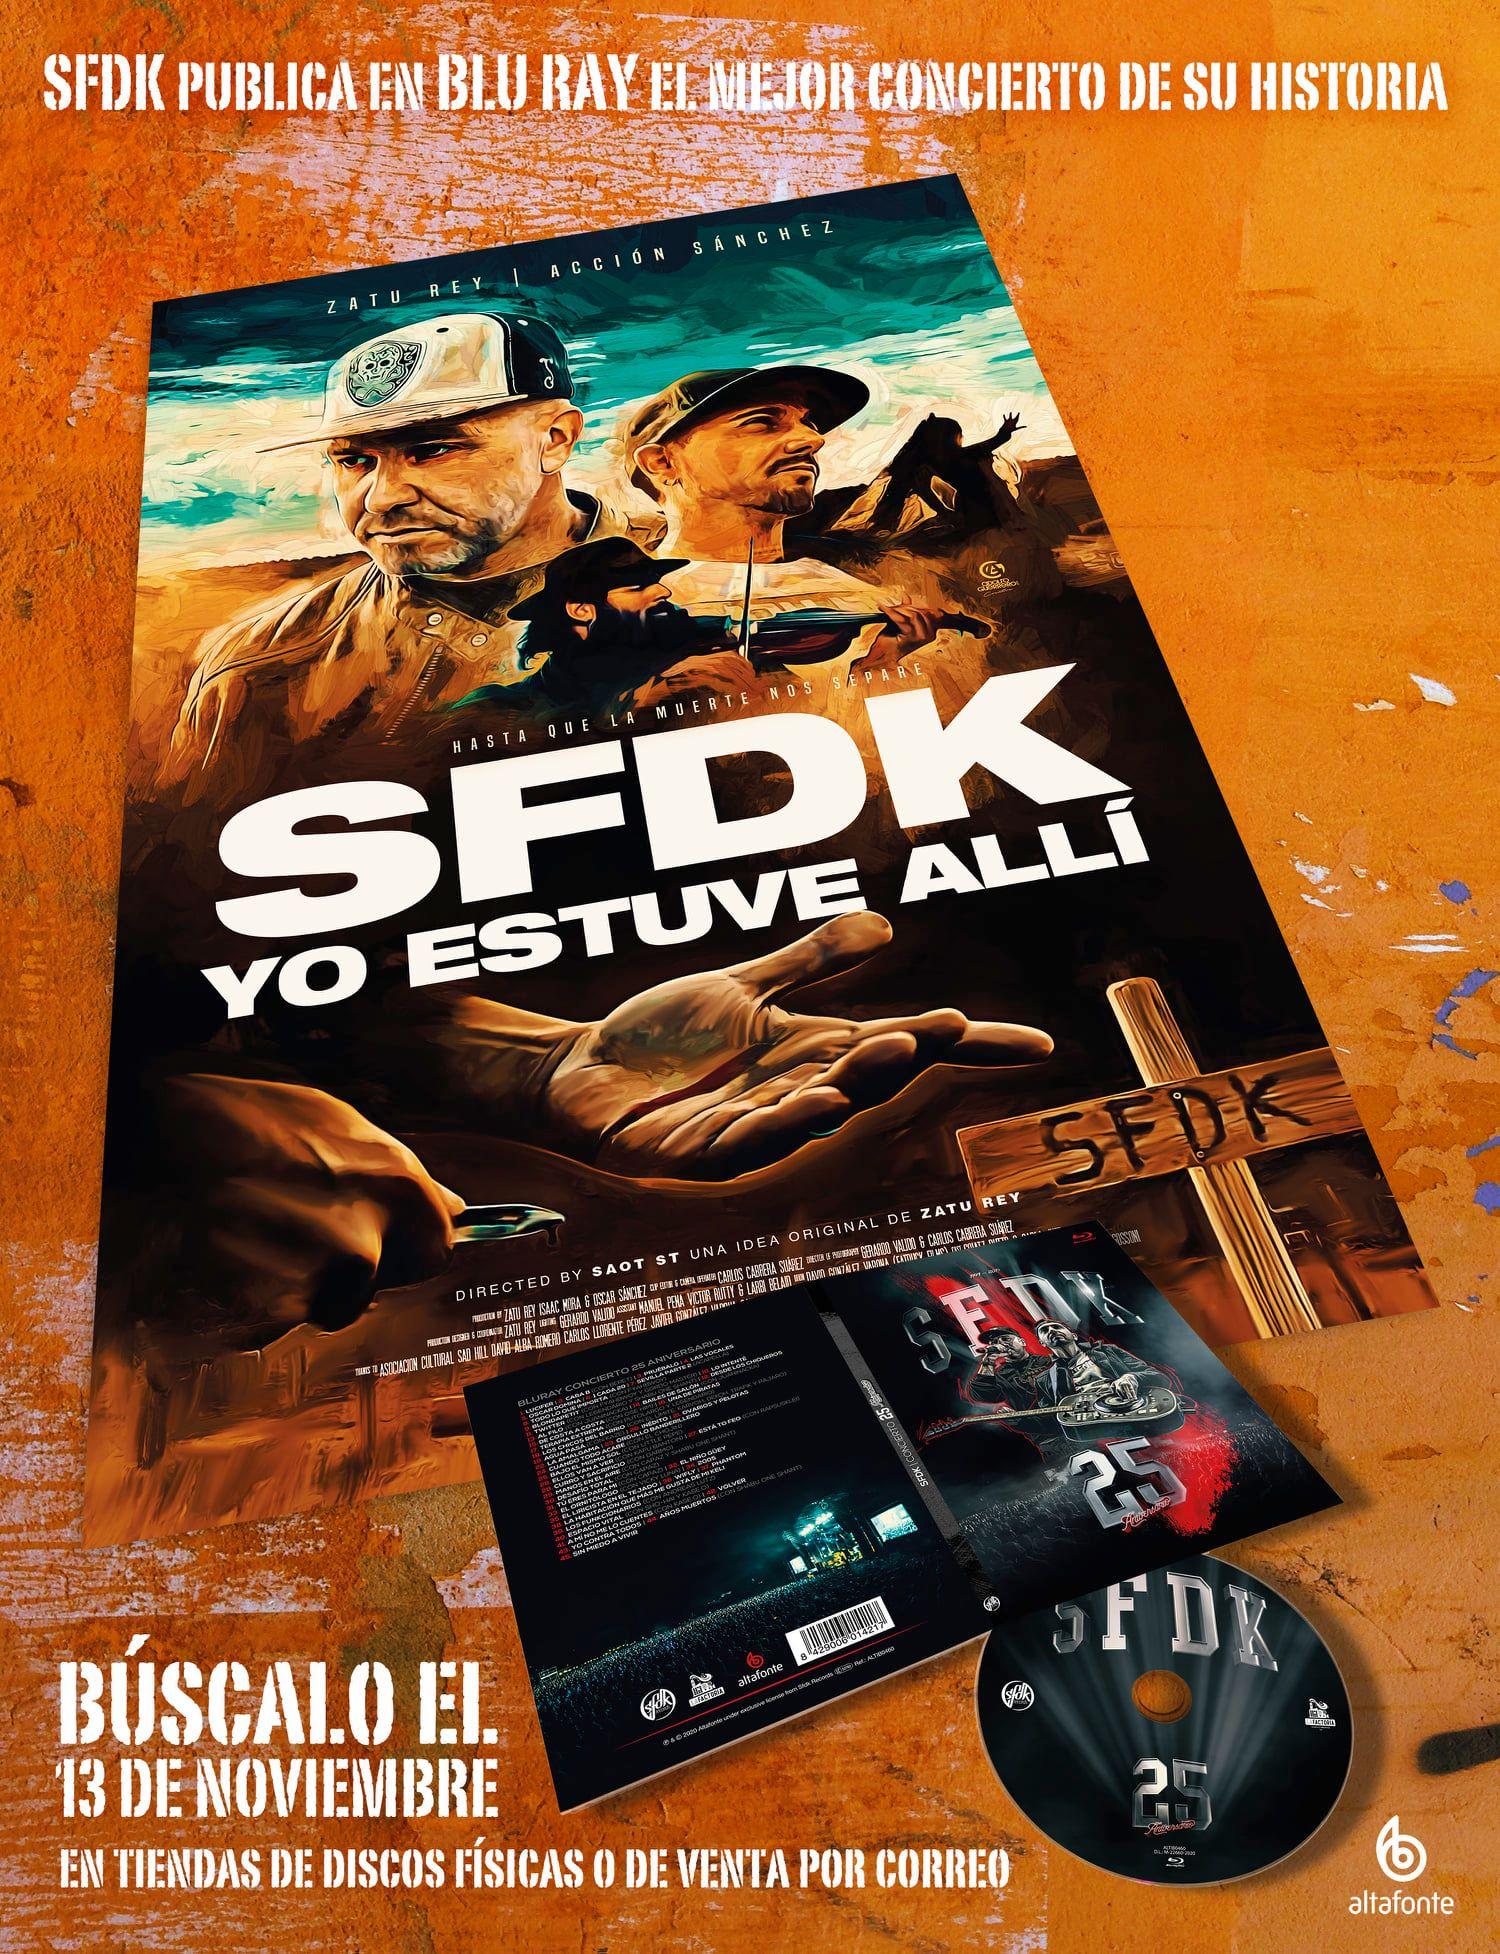 """EL BLU RAY DE SFDK """"CONCIERTO 25 ANIVERSARIO"""" YA ESTÁ DISPONIBLE EN PREVENTA."""